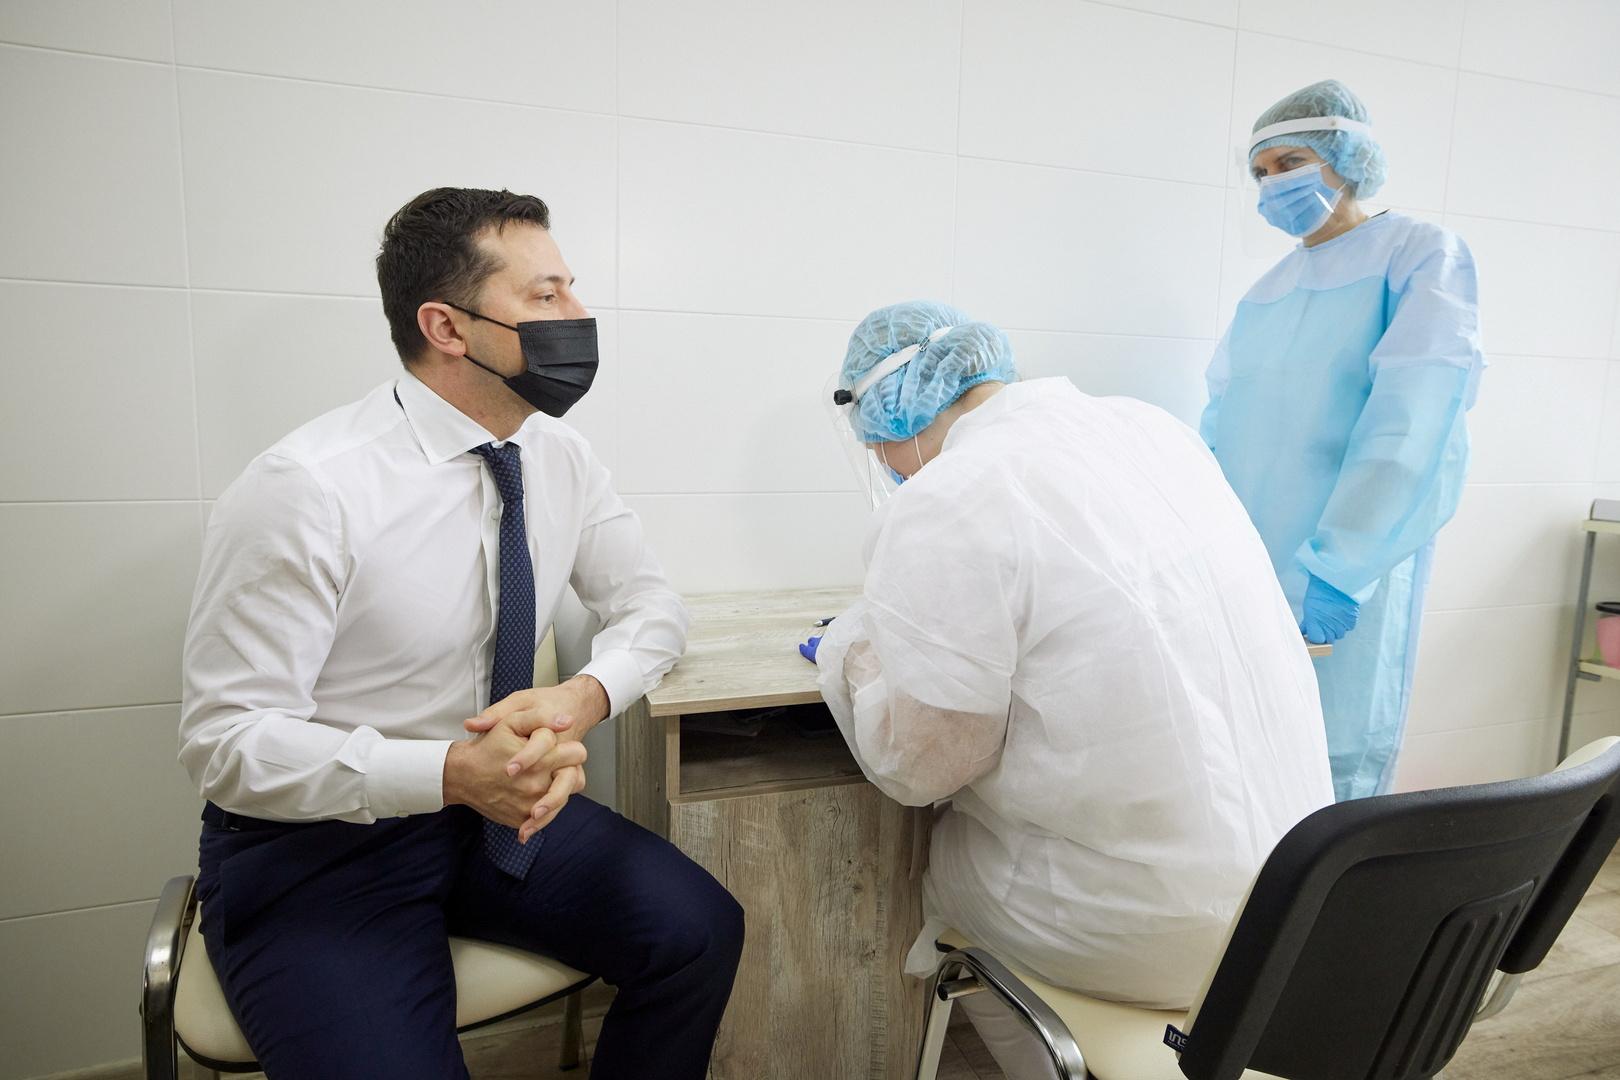 الرئيس الأوكراني يكشف سبب تطعيمه بعد تعافيه من